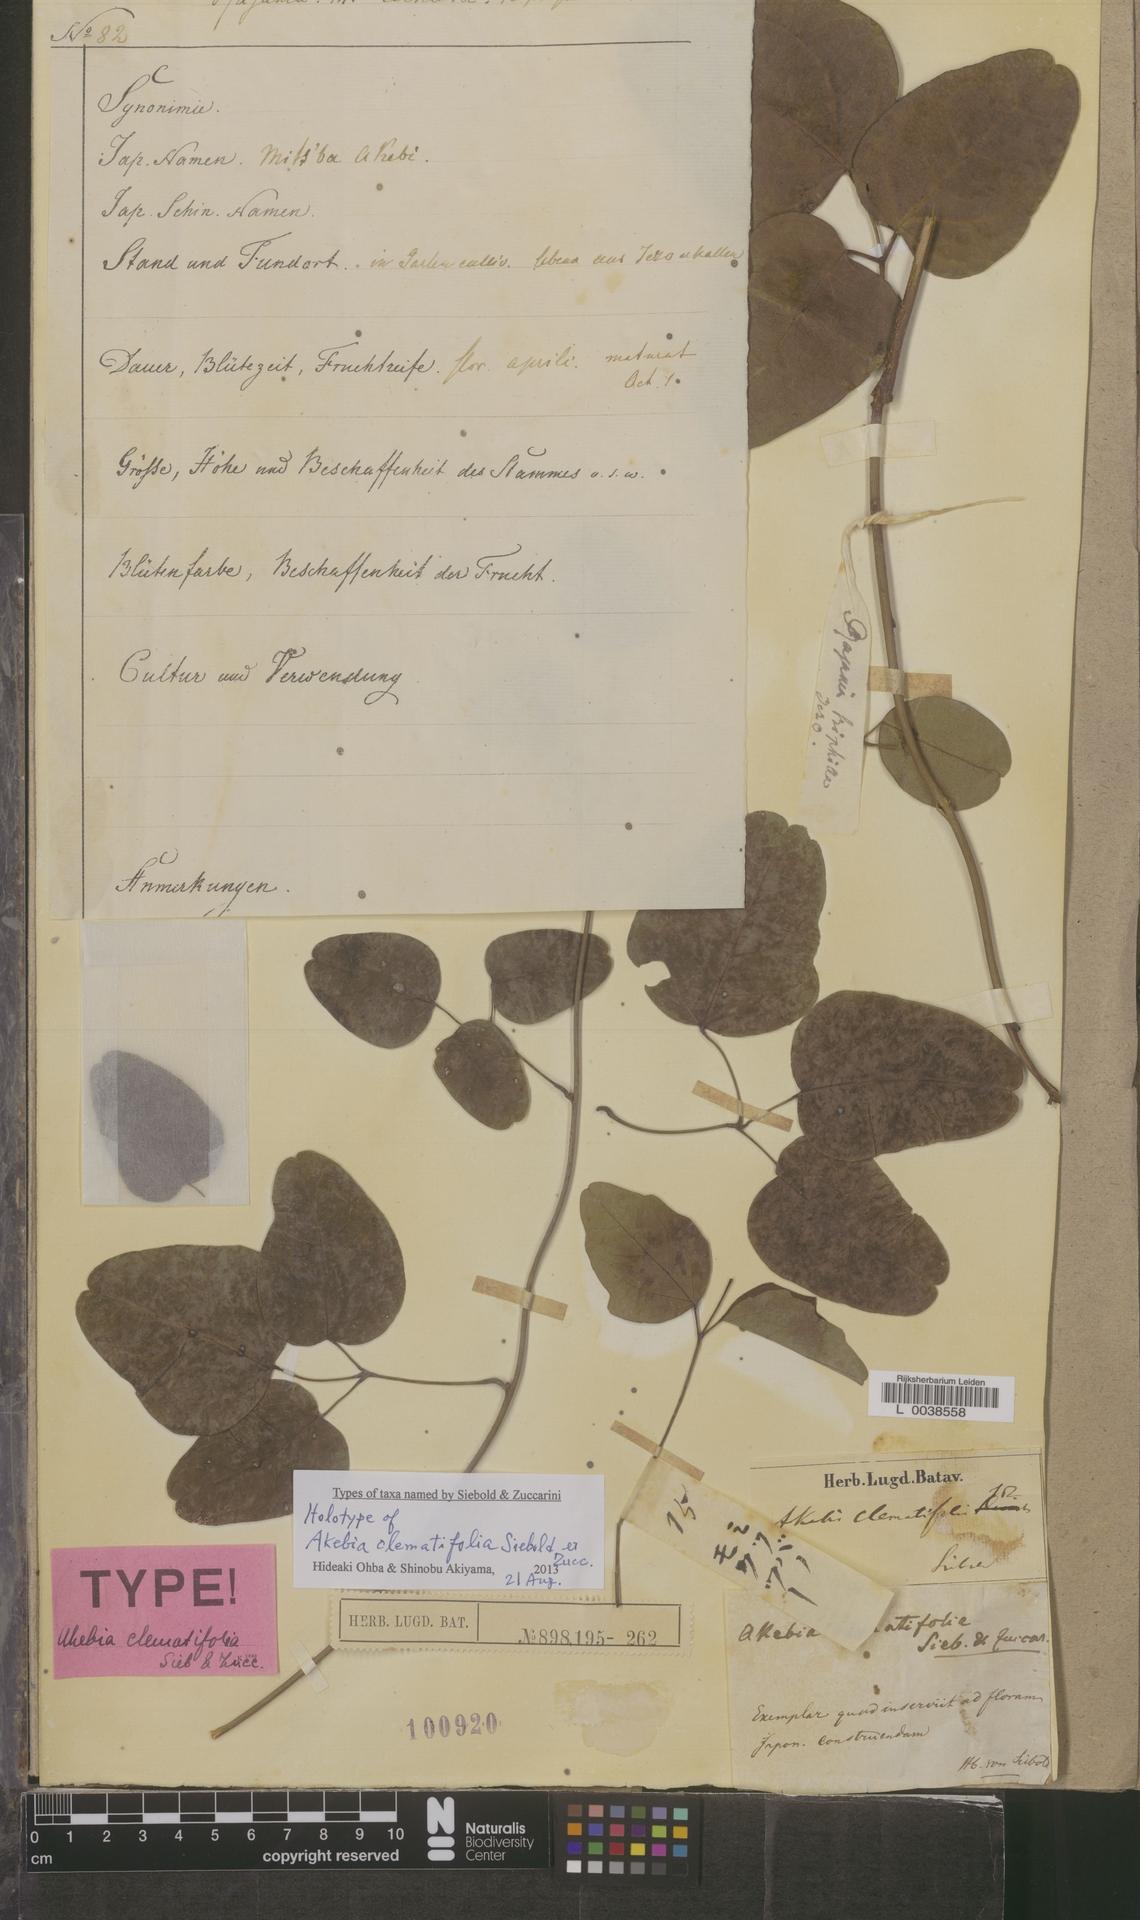 L  0038558 | Akebia clematifolia Siebold & Zucc.